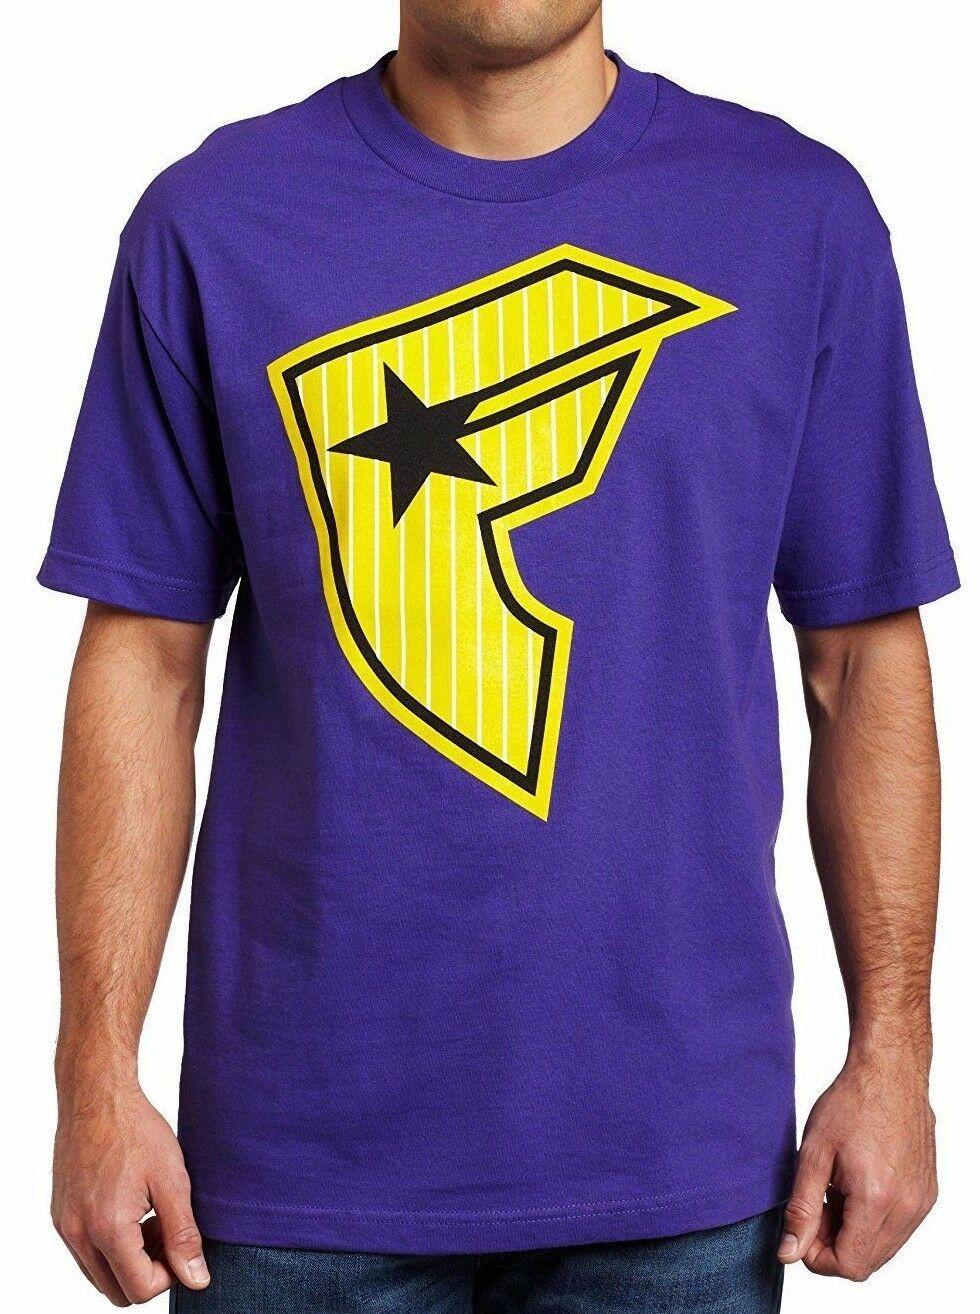 Famous Stars & Straps Viola Giallo Classico da Uomo Righe Fare. T-Shirt S Nwt